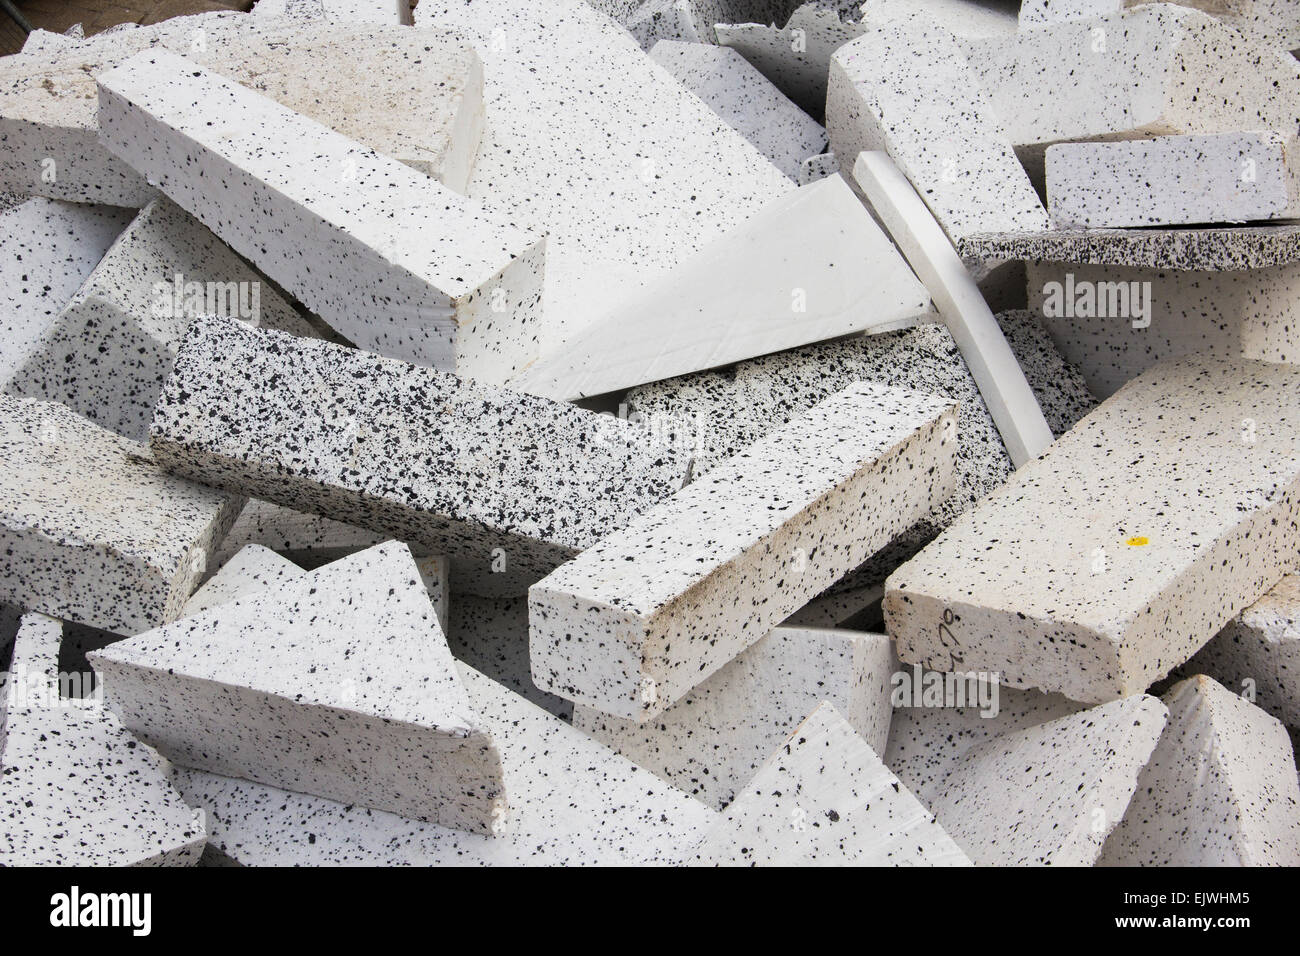 Geofoam erweitert Polystyrol Blöcke als Füllmaterial in den Bau des abgestuften Plaza in Stockport Stadtzentrum Stockbild